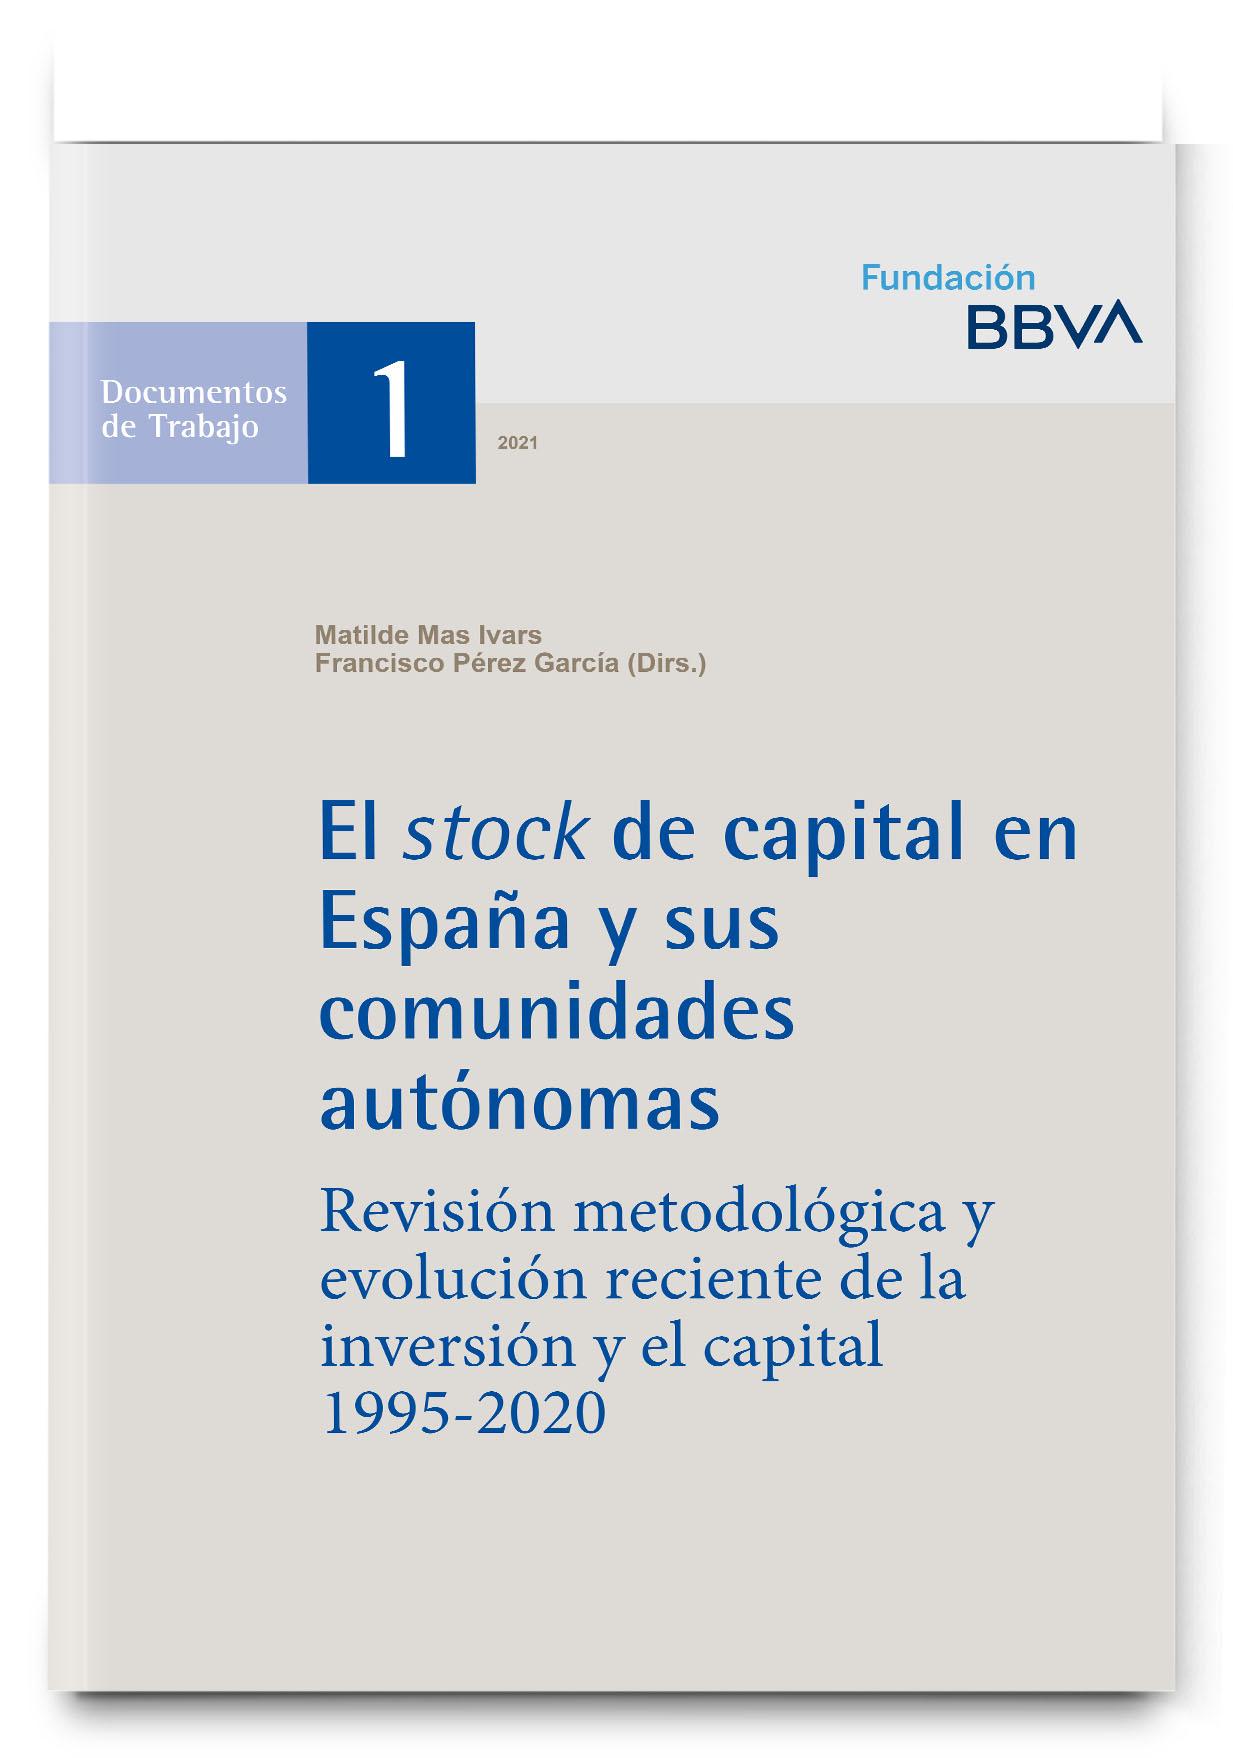 El stock de capital en España y sus Comunidades Autónomas. Revisión metodológica y evolución reciente de la inversión y el capital 1995-2020